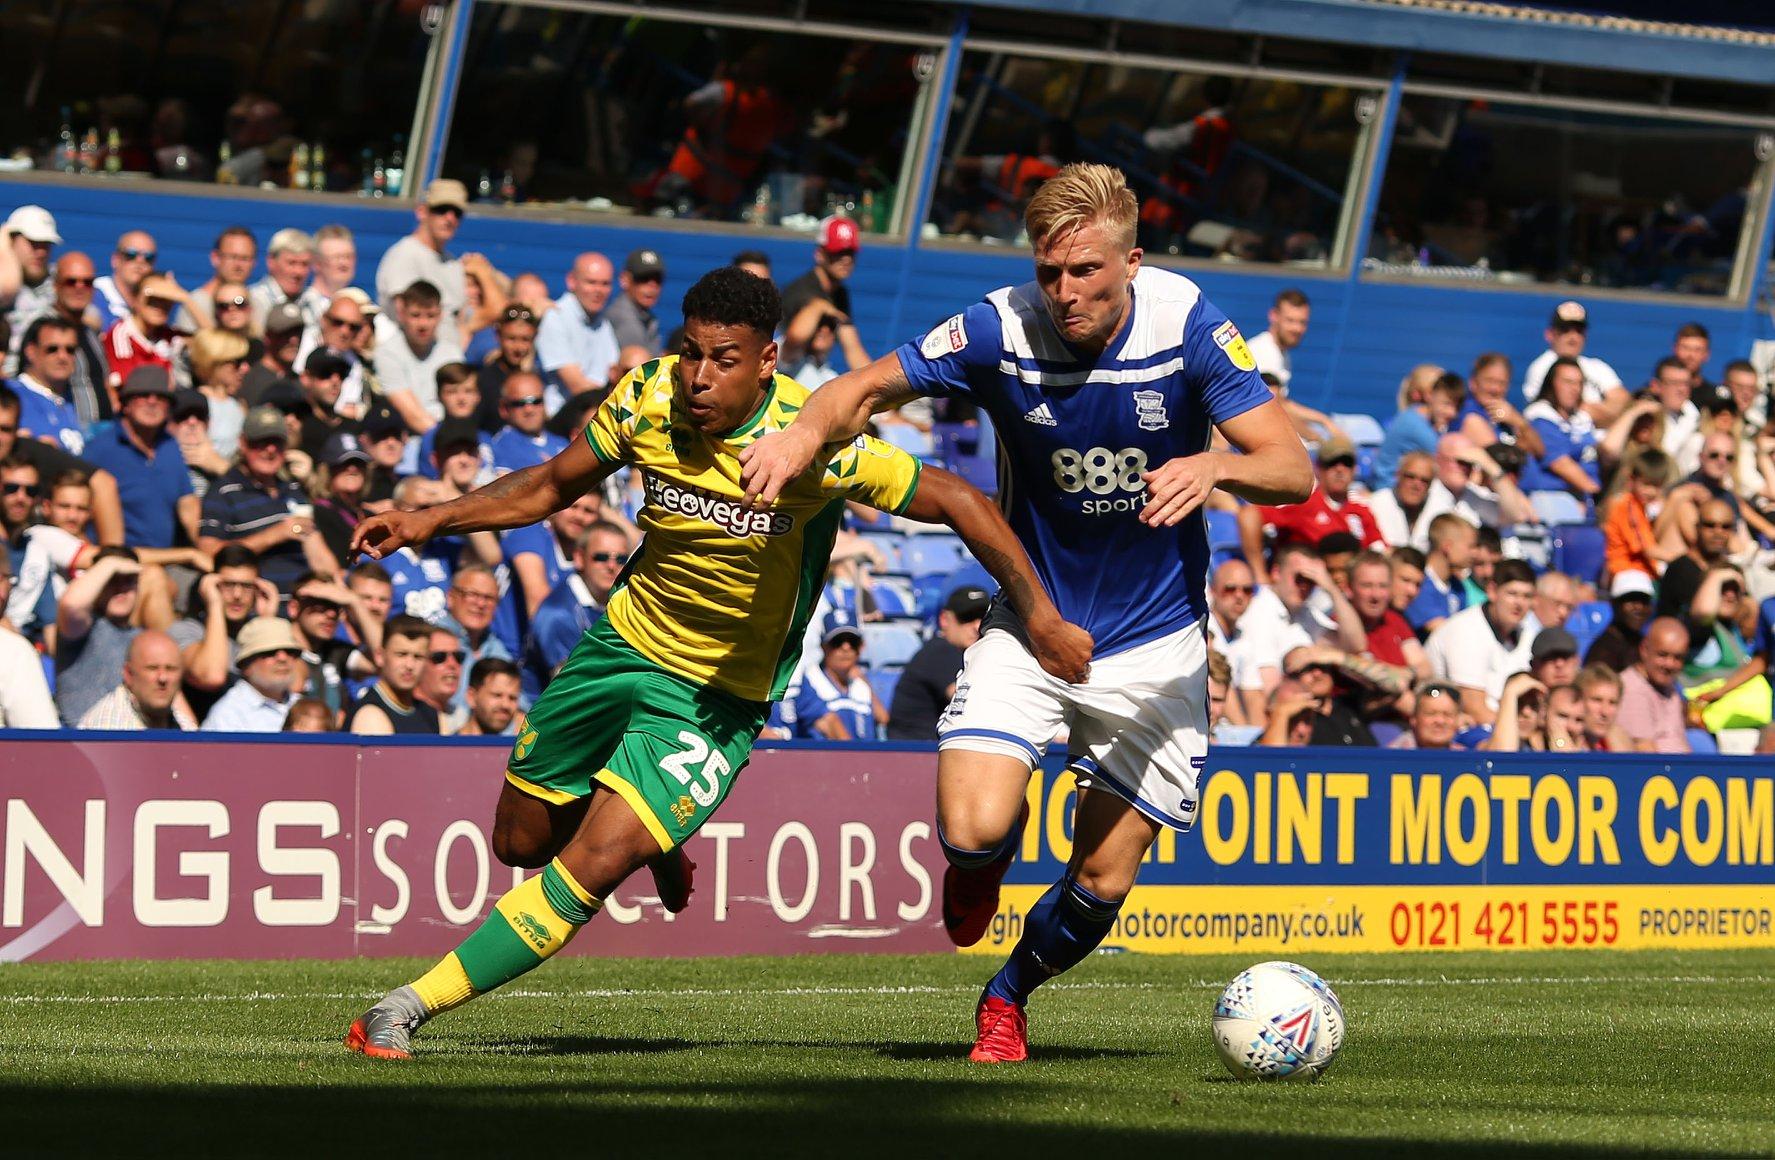 Birmingham-Derby 19 aprile: si gioca per la 43 esima giornata della Serie B inglese. Gli ospiti cercano punti play-off.